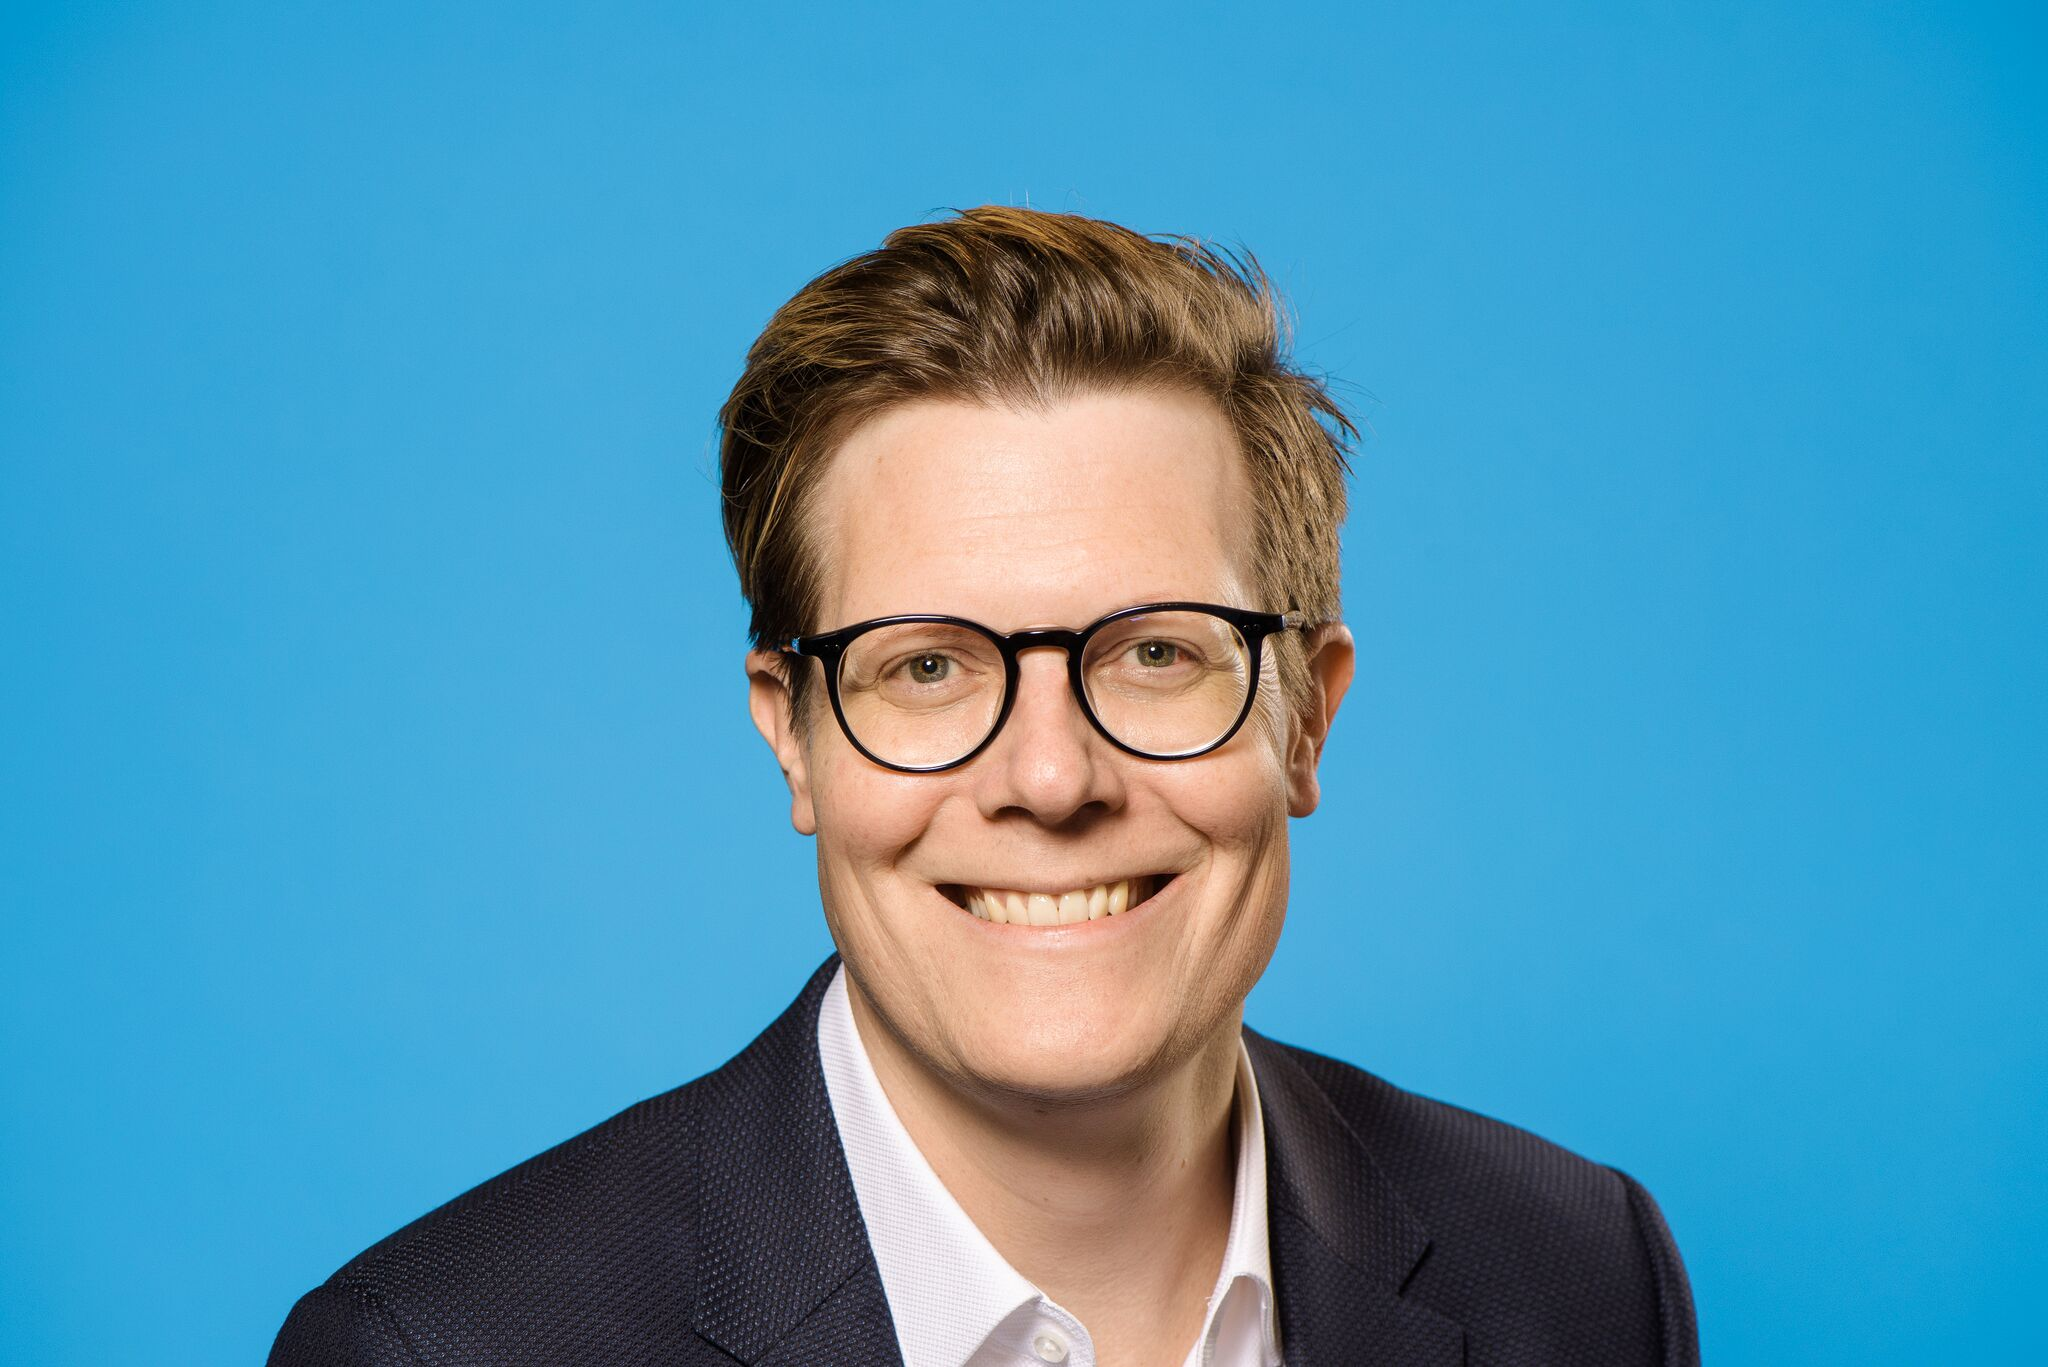 Martin Föhse es un prestigioso académico y experto abogado en asuntos energéticos